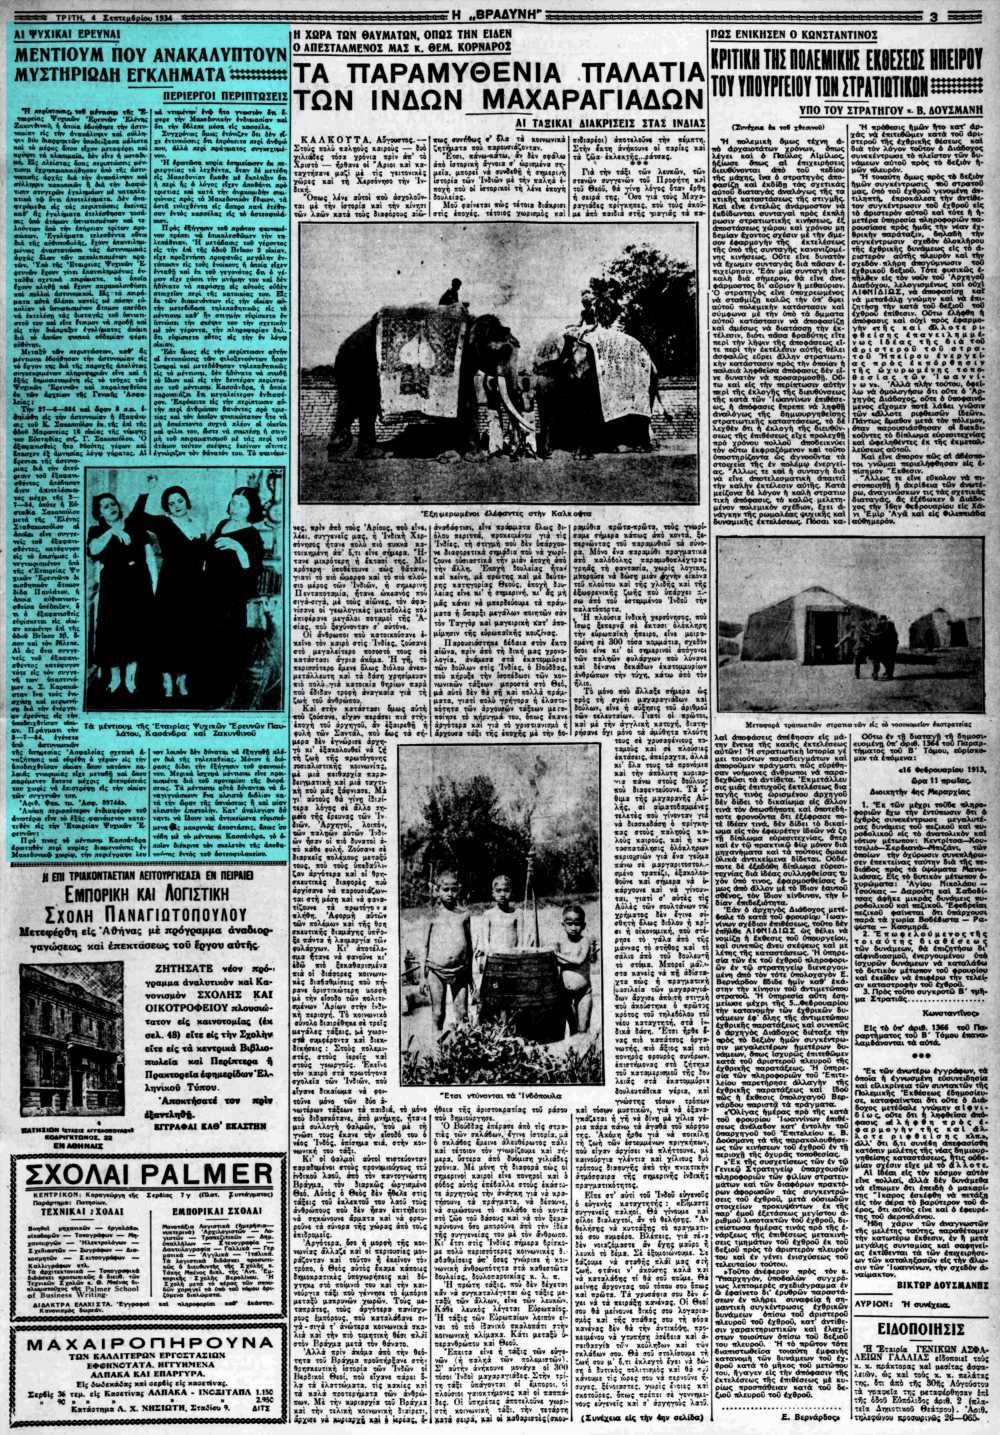 """Το άρθρο, όπως δημοσιεύθηκε στην εφημερίδα """"Η ΒΡΑΔΥΝΗ"""", στις 04/09/1934"""